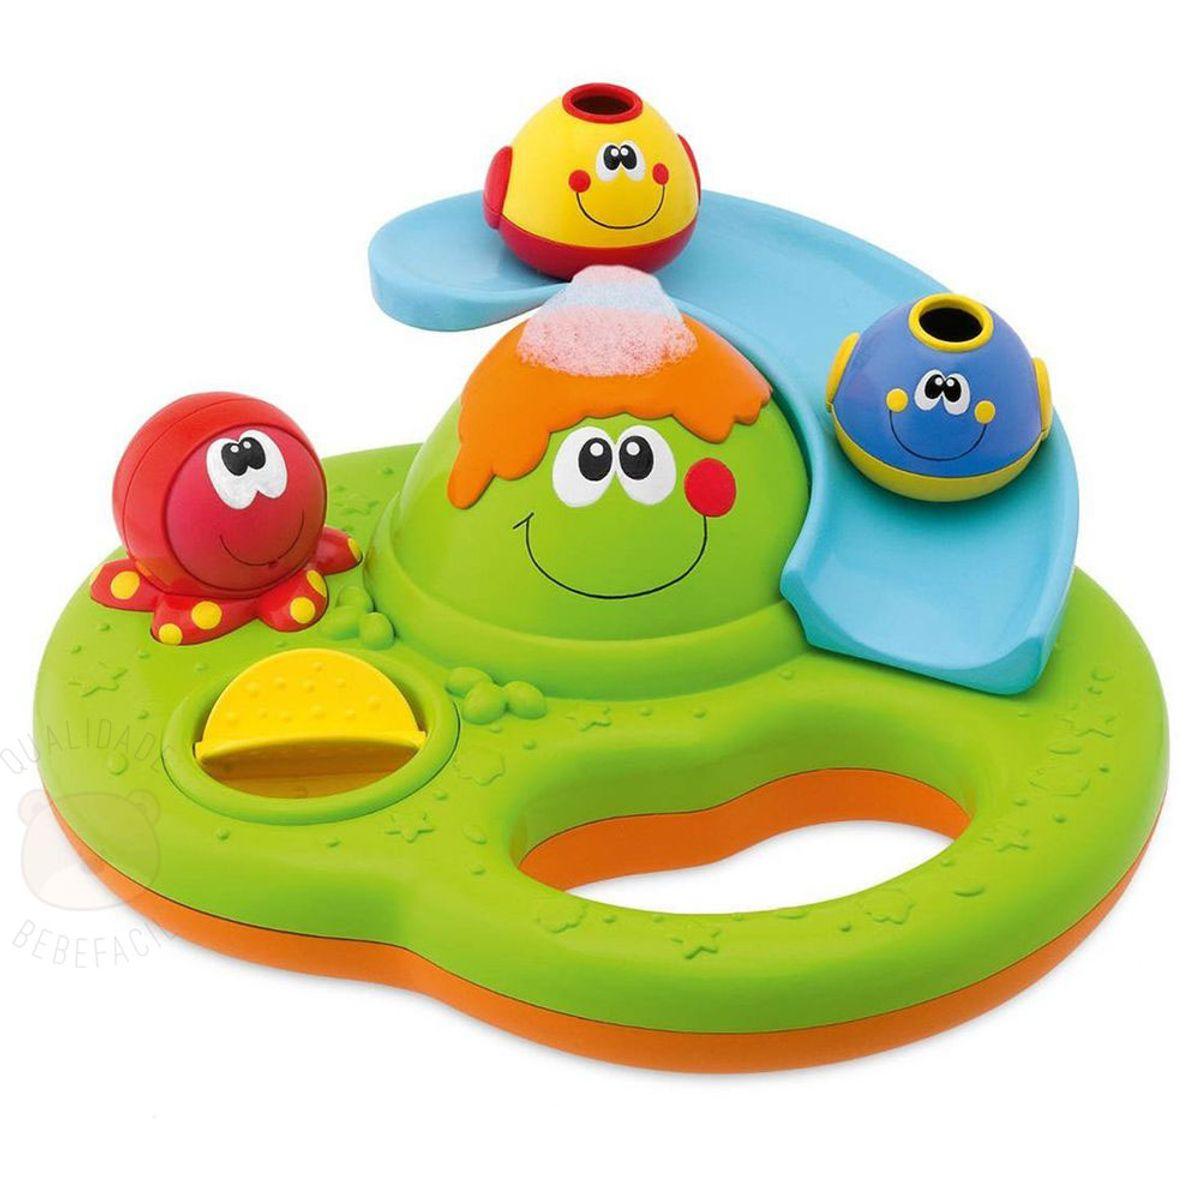 e23ef750ac Brinquedo para banho Bubble Island (6m+) - Chicco